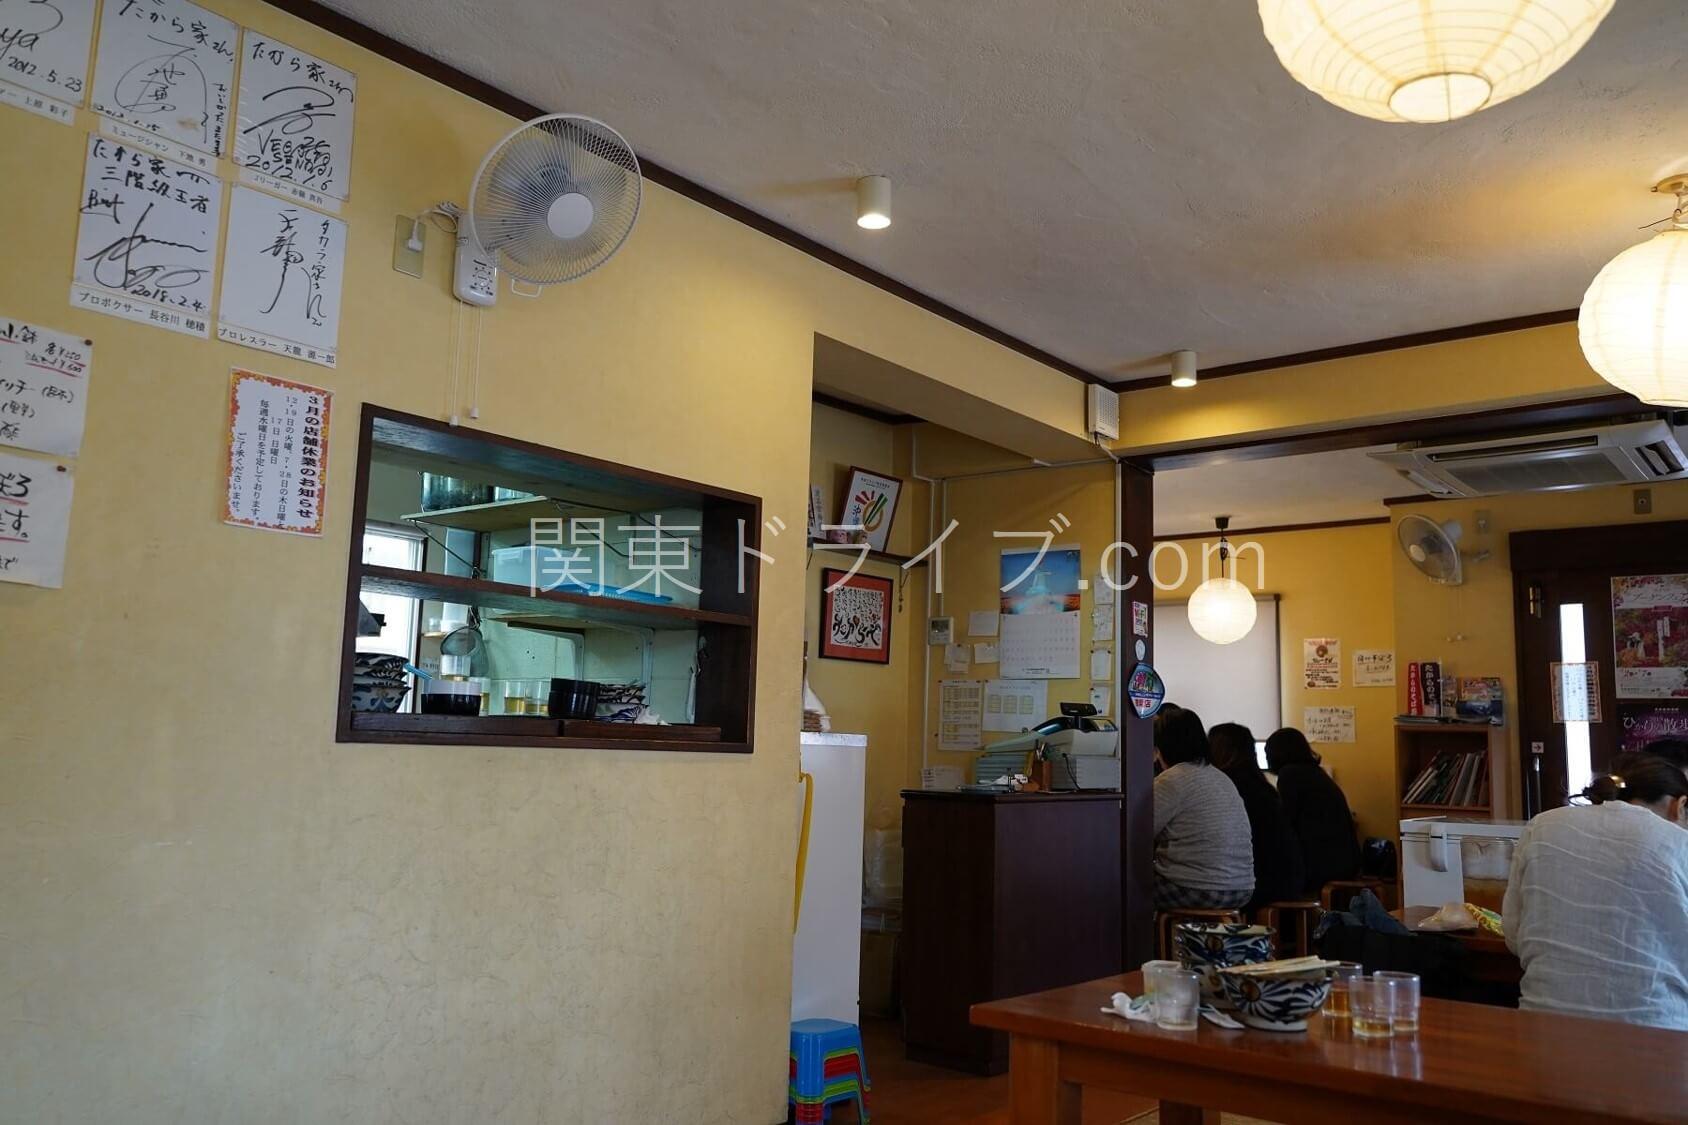 沖縄そば「たから家」の内観